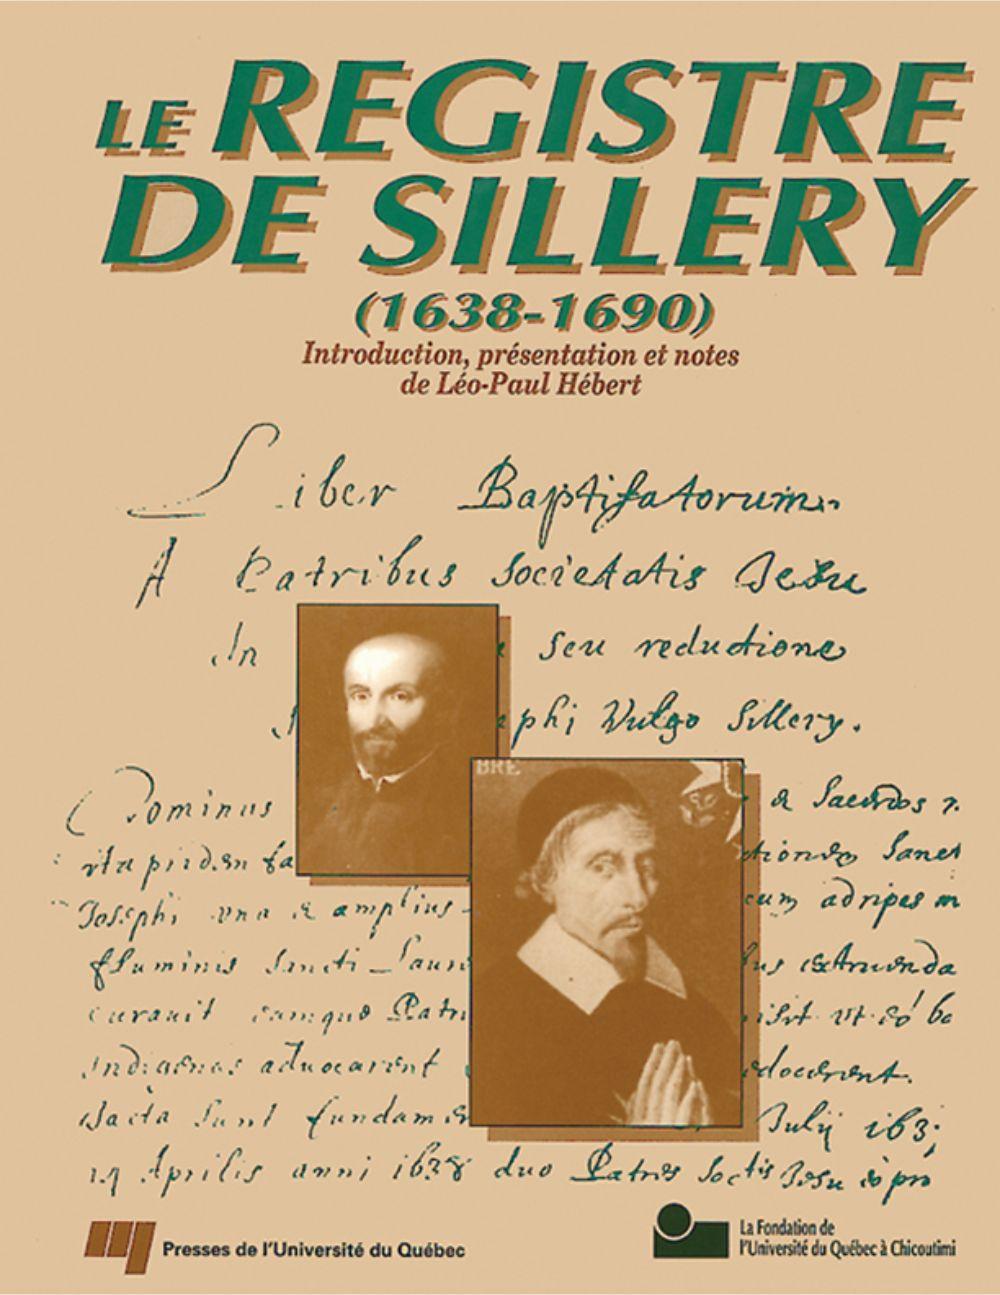 Le registre de Sillery (1638-1690)